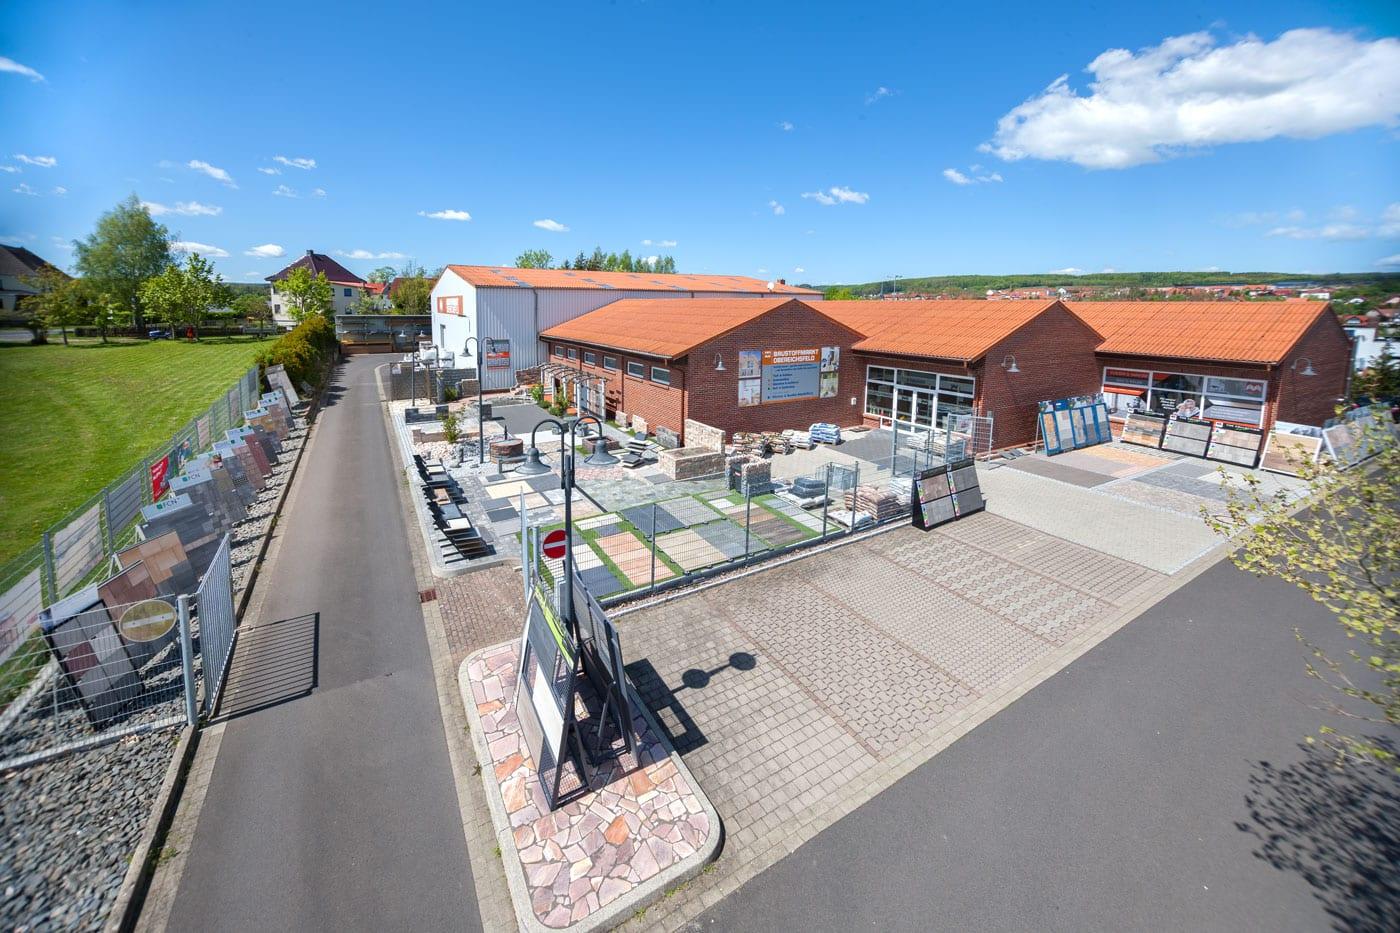 inregia center veranstaltungszentrum businessveranstaltungen location thüringen handwerkerausstellung eventlocation business location ausstellung